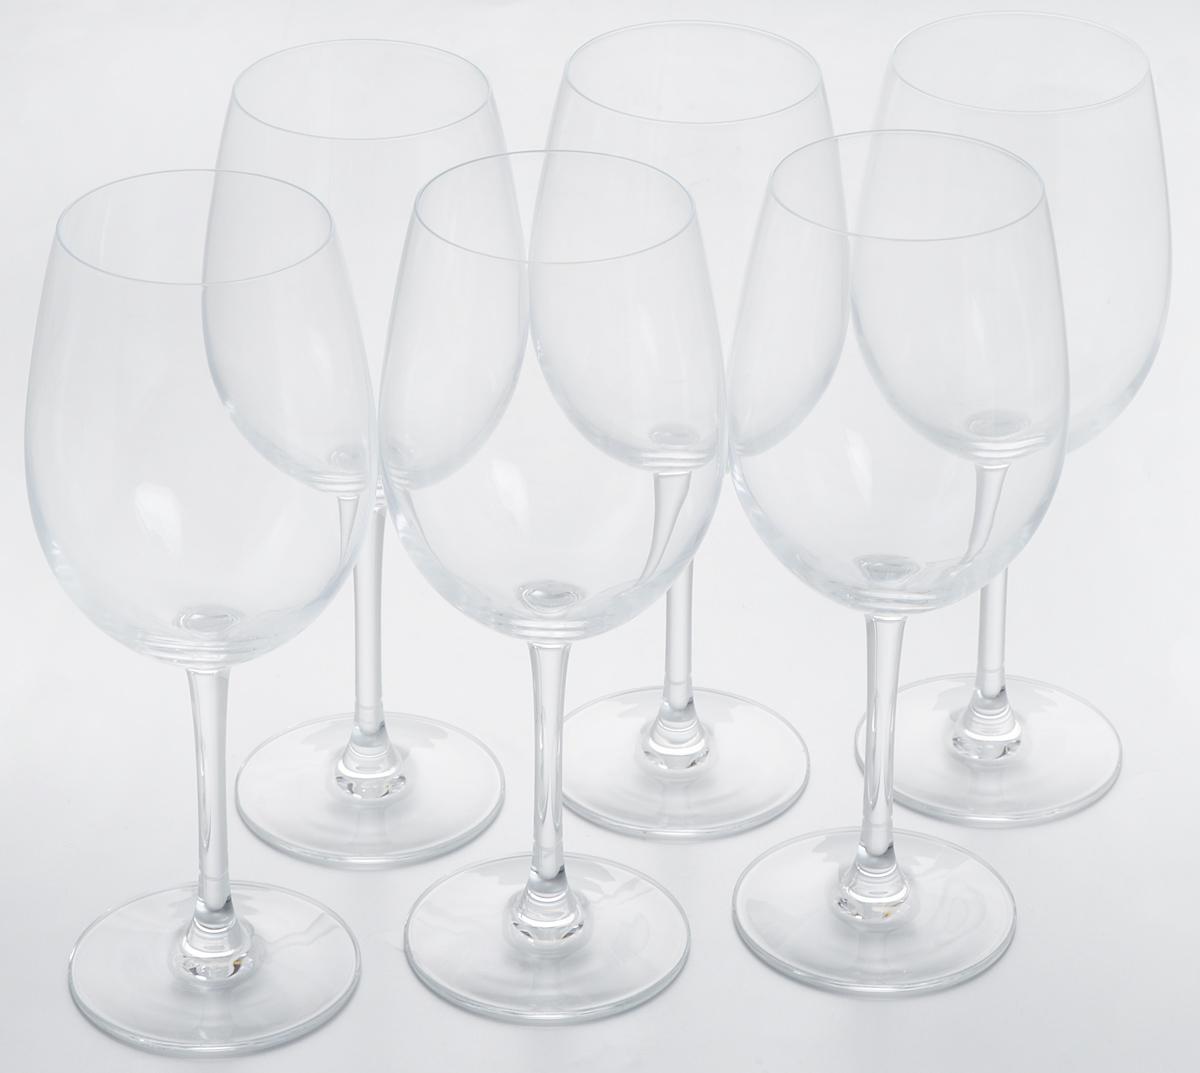 Набор фужеров Luminarc Versailles, 580 мл, 6 штG1416Набор Luminarc Versailles состоит из шести фужеров, выполненныхиз прочного стекла. Изделияоснащены высокими ножками и предназначены для подачи вина. Они сочетают всебе элегантный дизайн и функциональность. Благодаря такому набору пить напитки будет ещевкуснее.Набор фужеров Luminarc Versailles прекрасно оформит праздничный стол и создаст приятнуюатмосферу за романтическим ужином. Такой набор также станет хорошим подарком к любомуслучаю. Можно мыть в посудомоечной машине.Диаметр фужера (по верхнему краю): 7,2 см. Высота фужера: 23 см. Диаметр основания: 8 см.